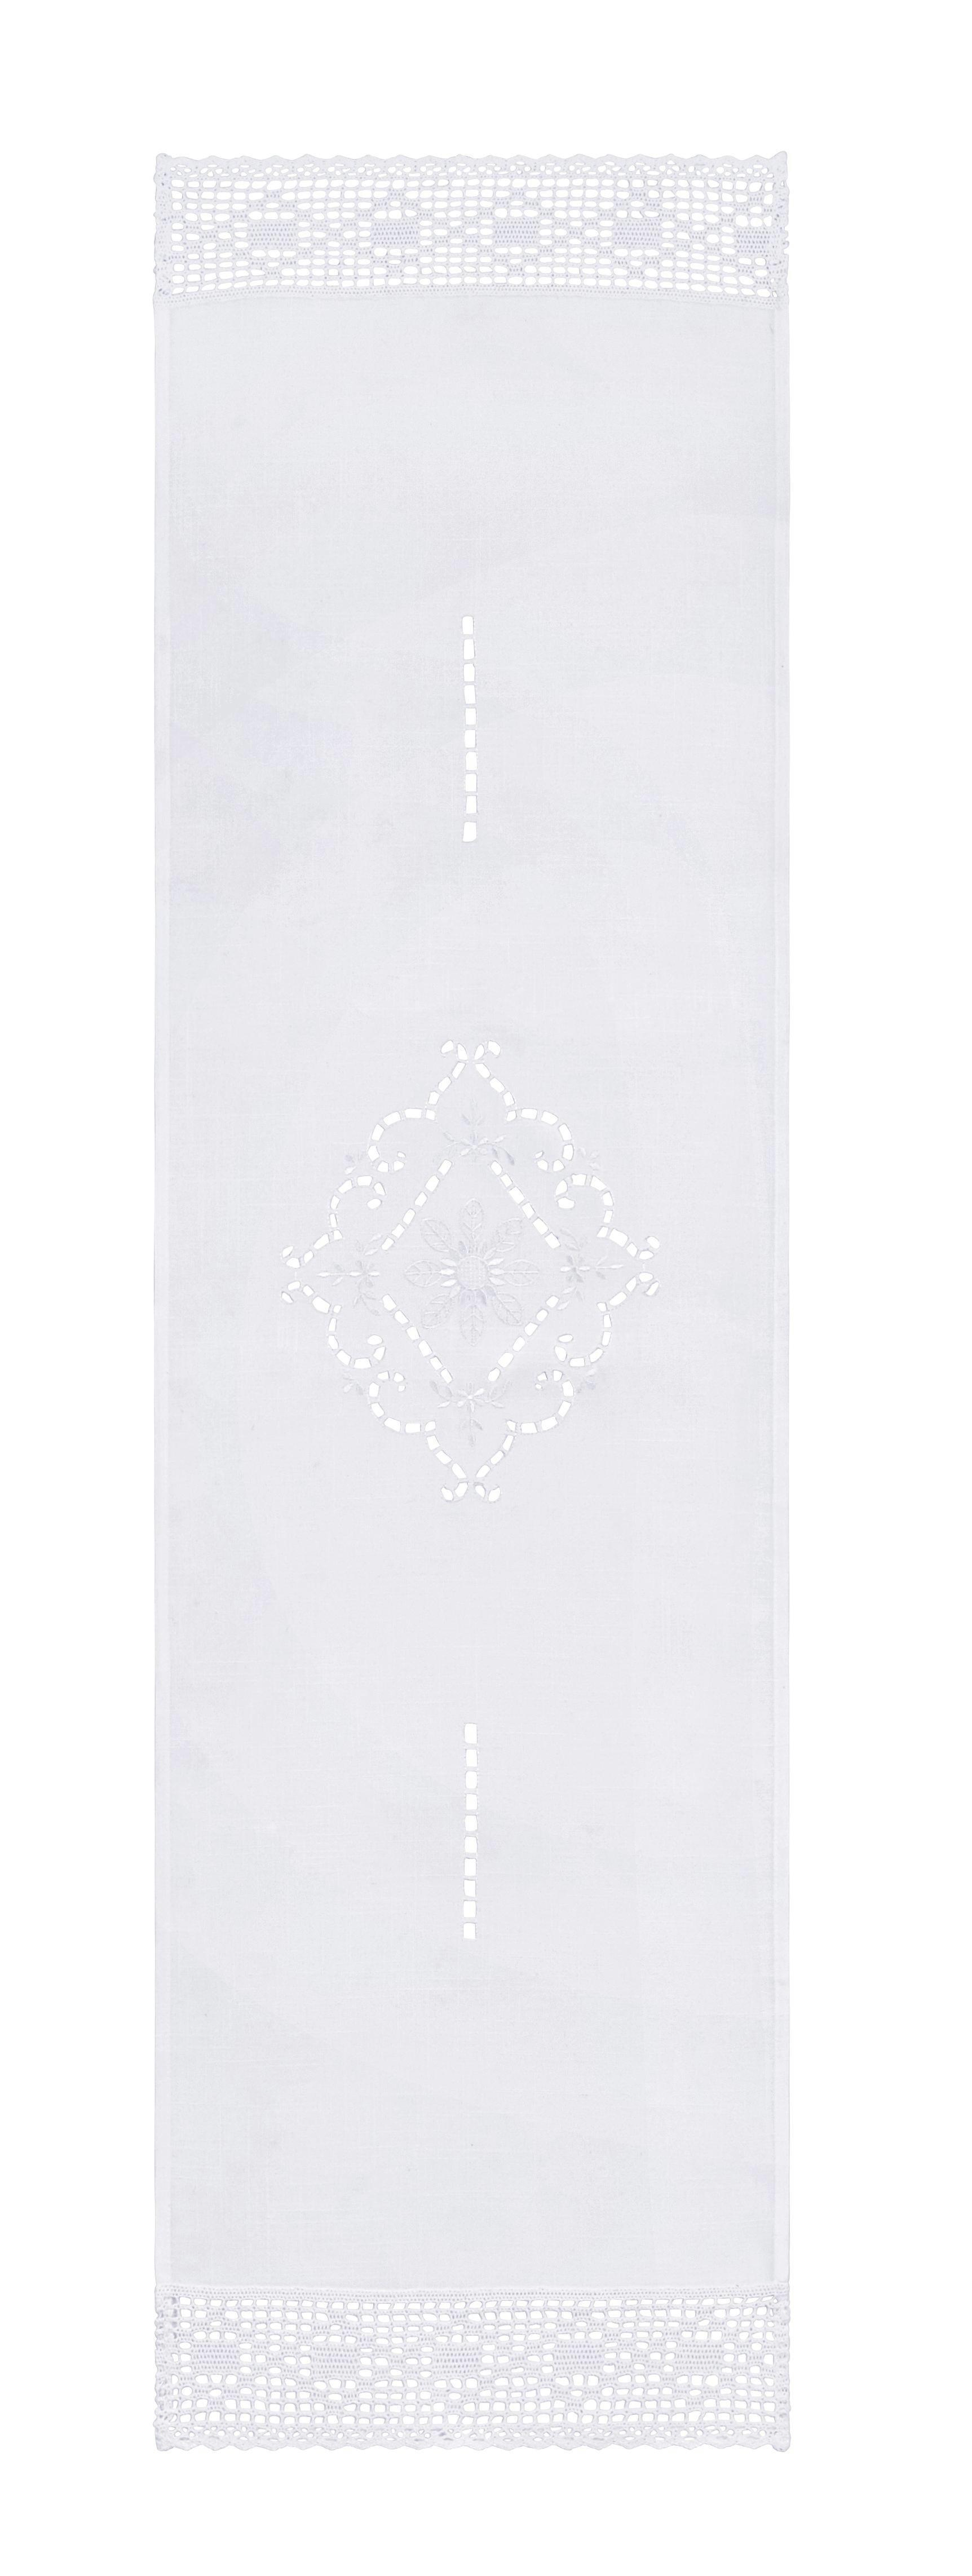 TISCHLÄUFER Spitze in Weiß - Weiß, ROMANTIK / LANDHAUS, Textil (40/150cm) - MÖMAX modern living